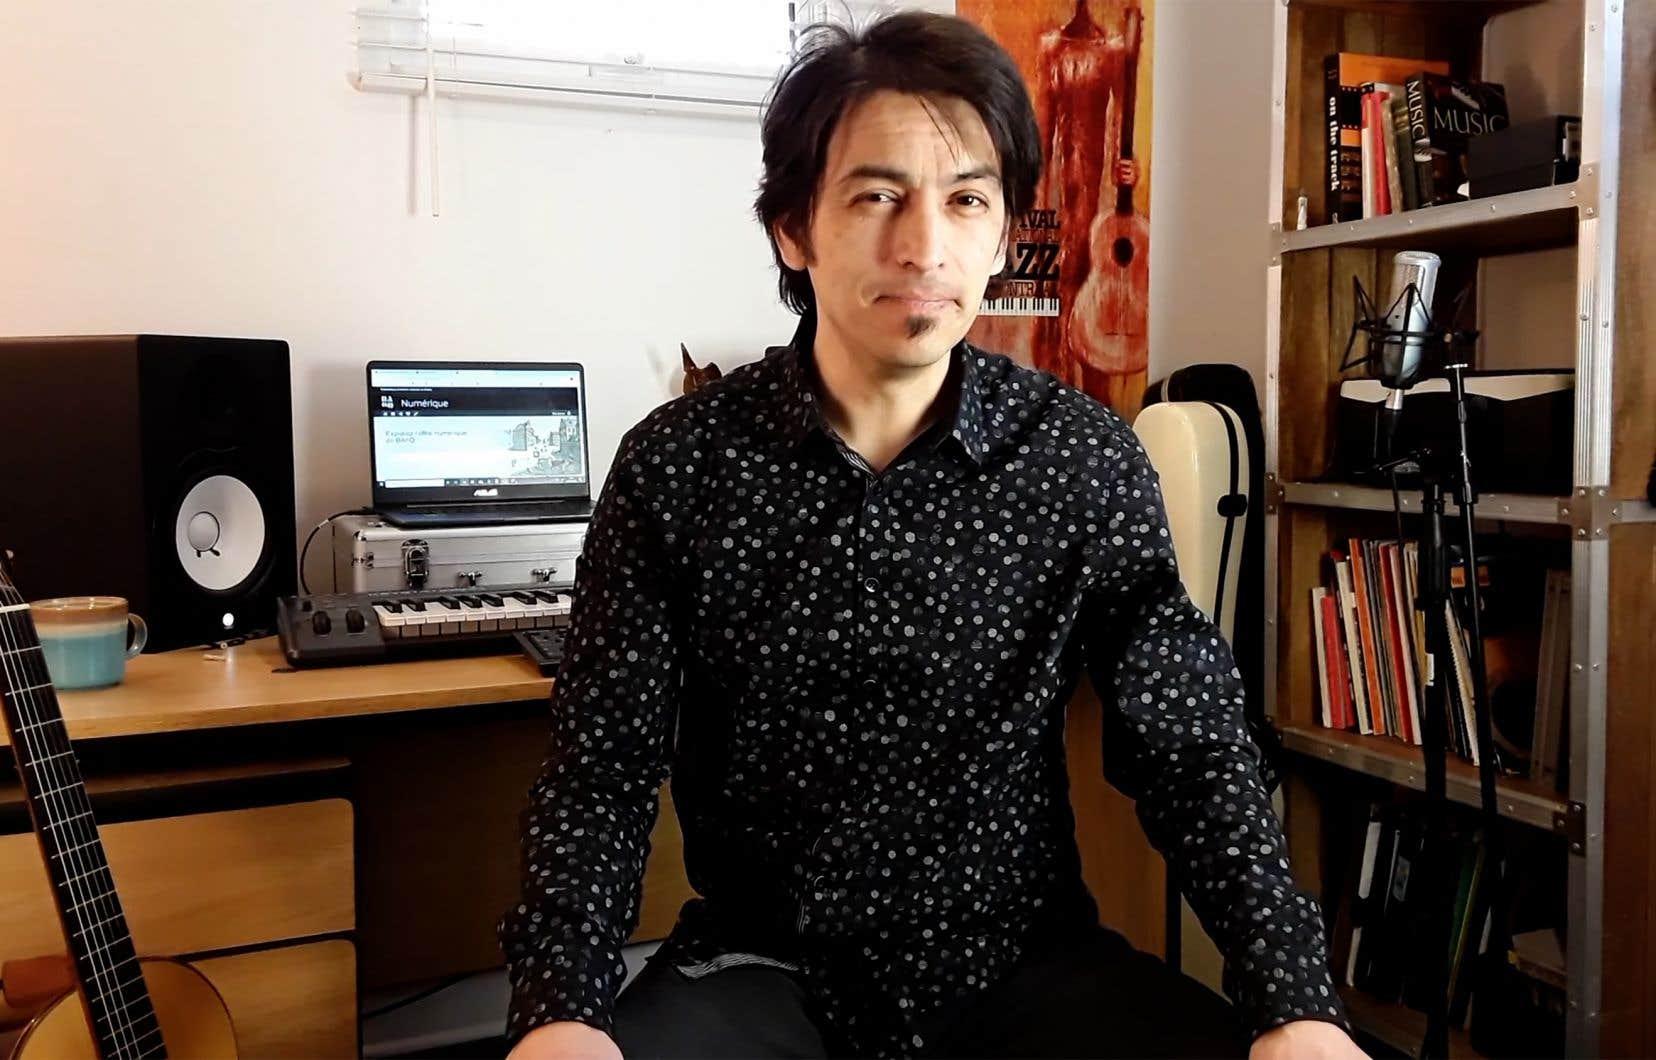 Le bibliothécaire Oscar Salazar Varela offre une série de cours en ligne pour s'initier à la guitare.